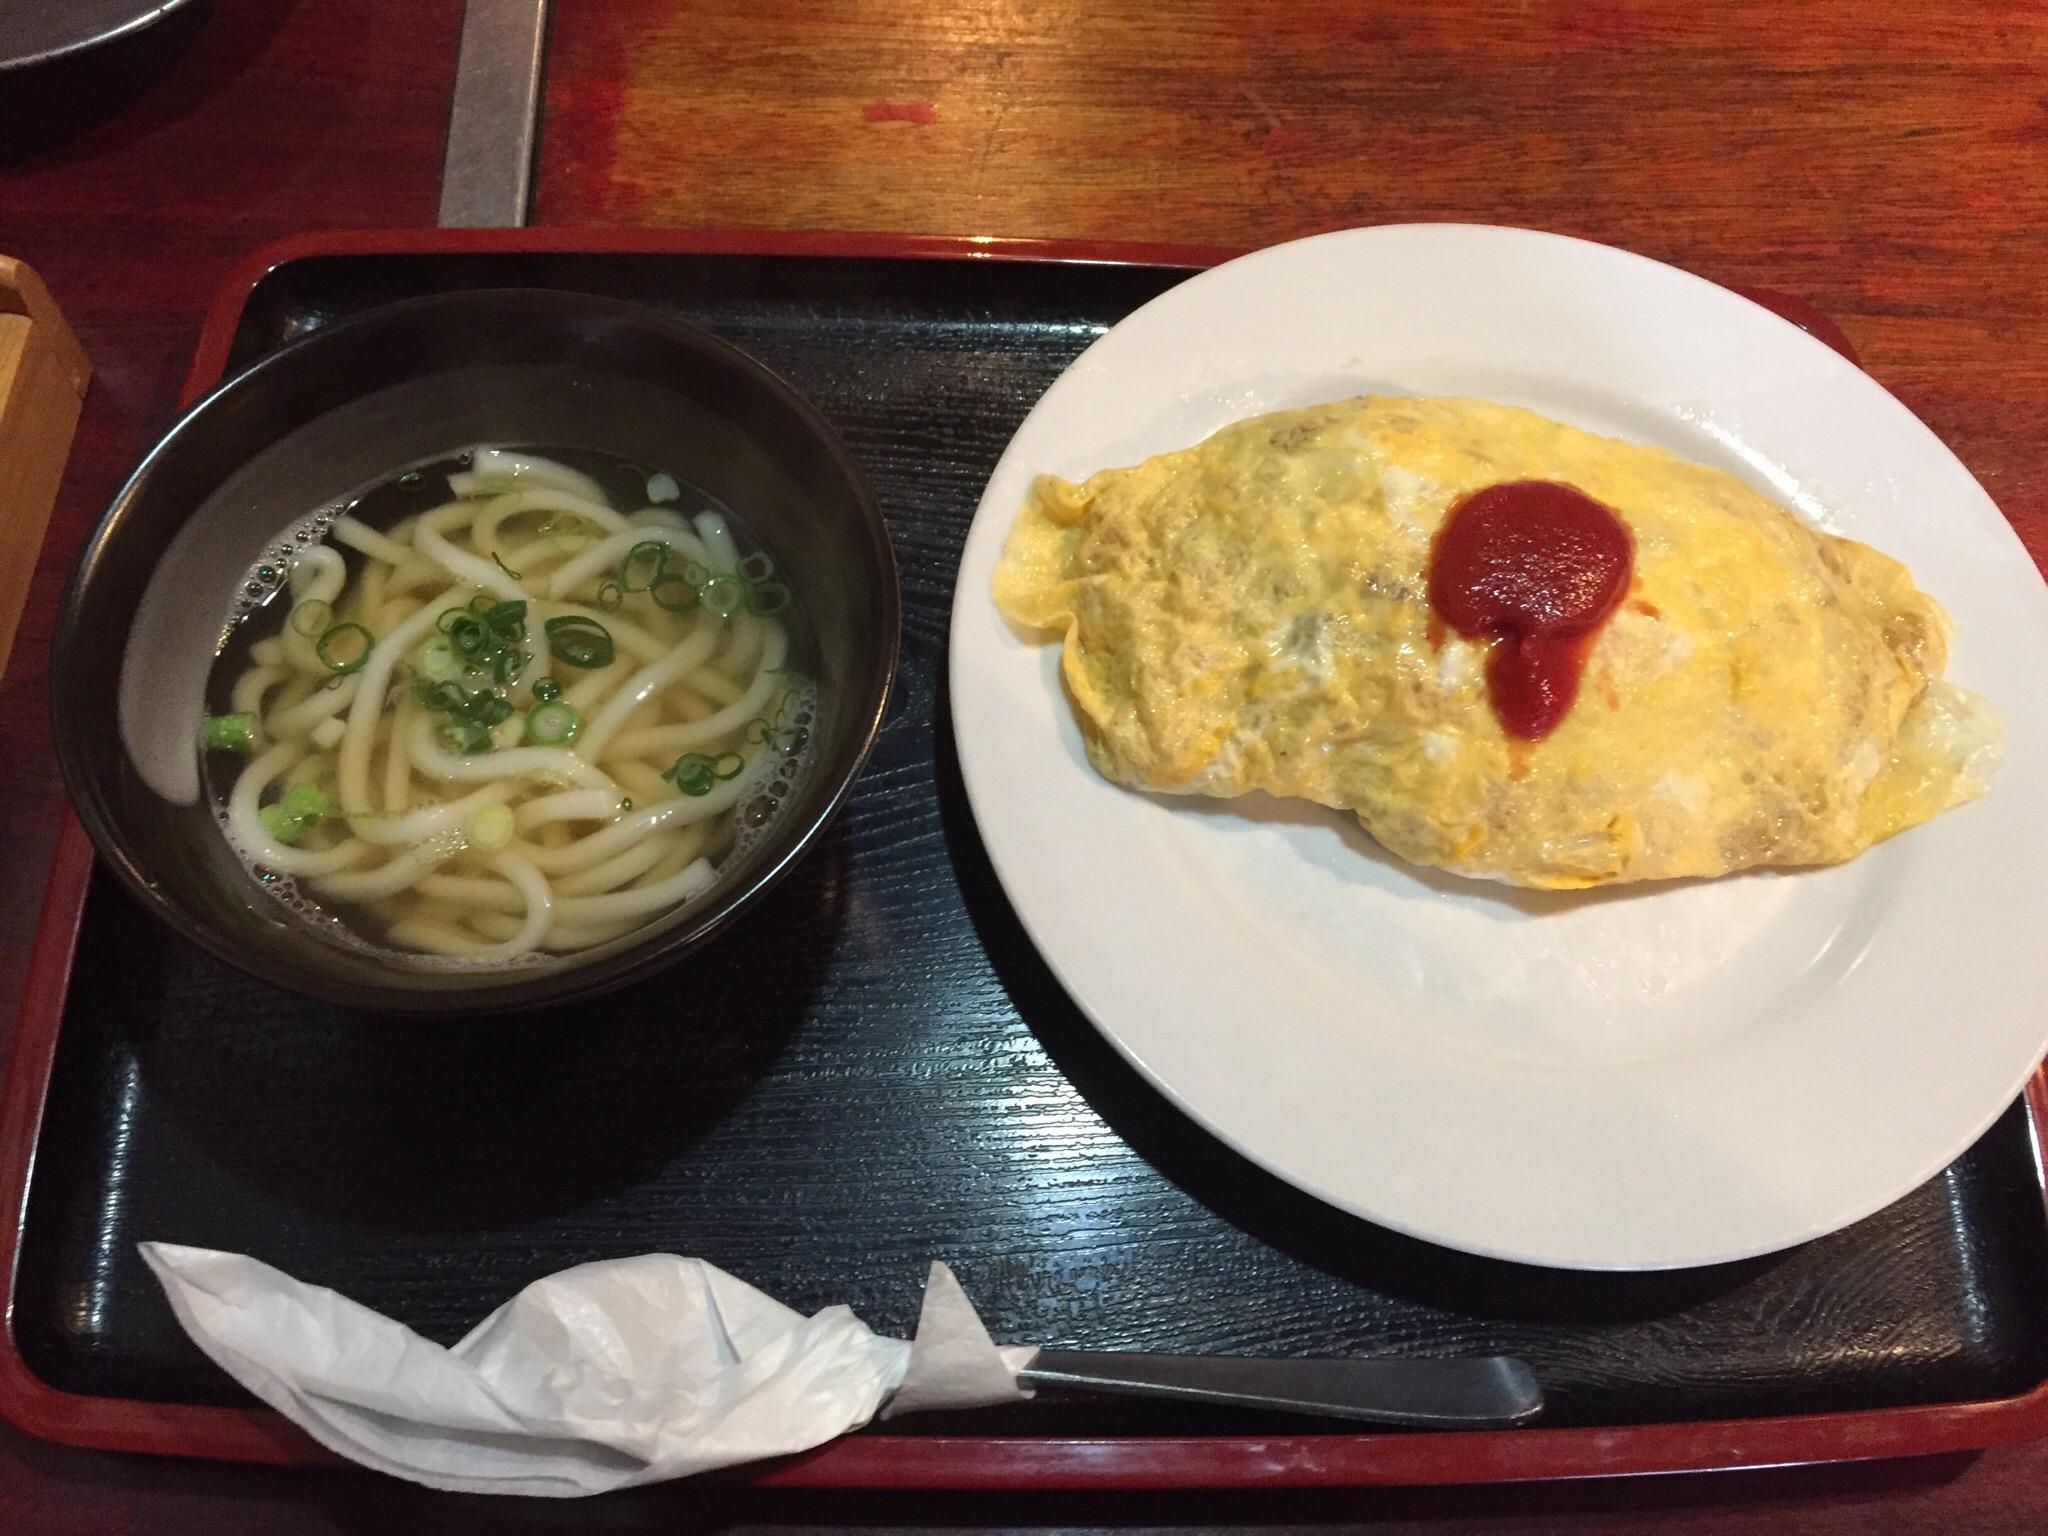 【画像】このオムライス定食750円www